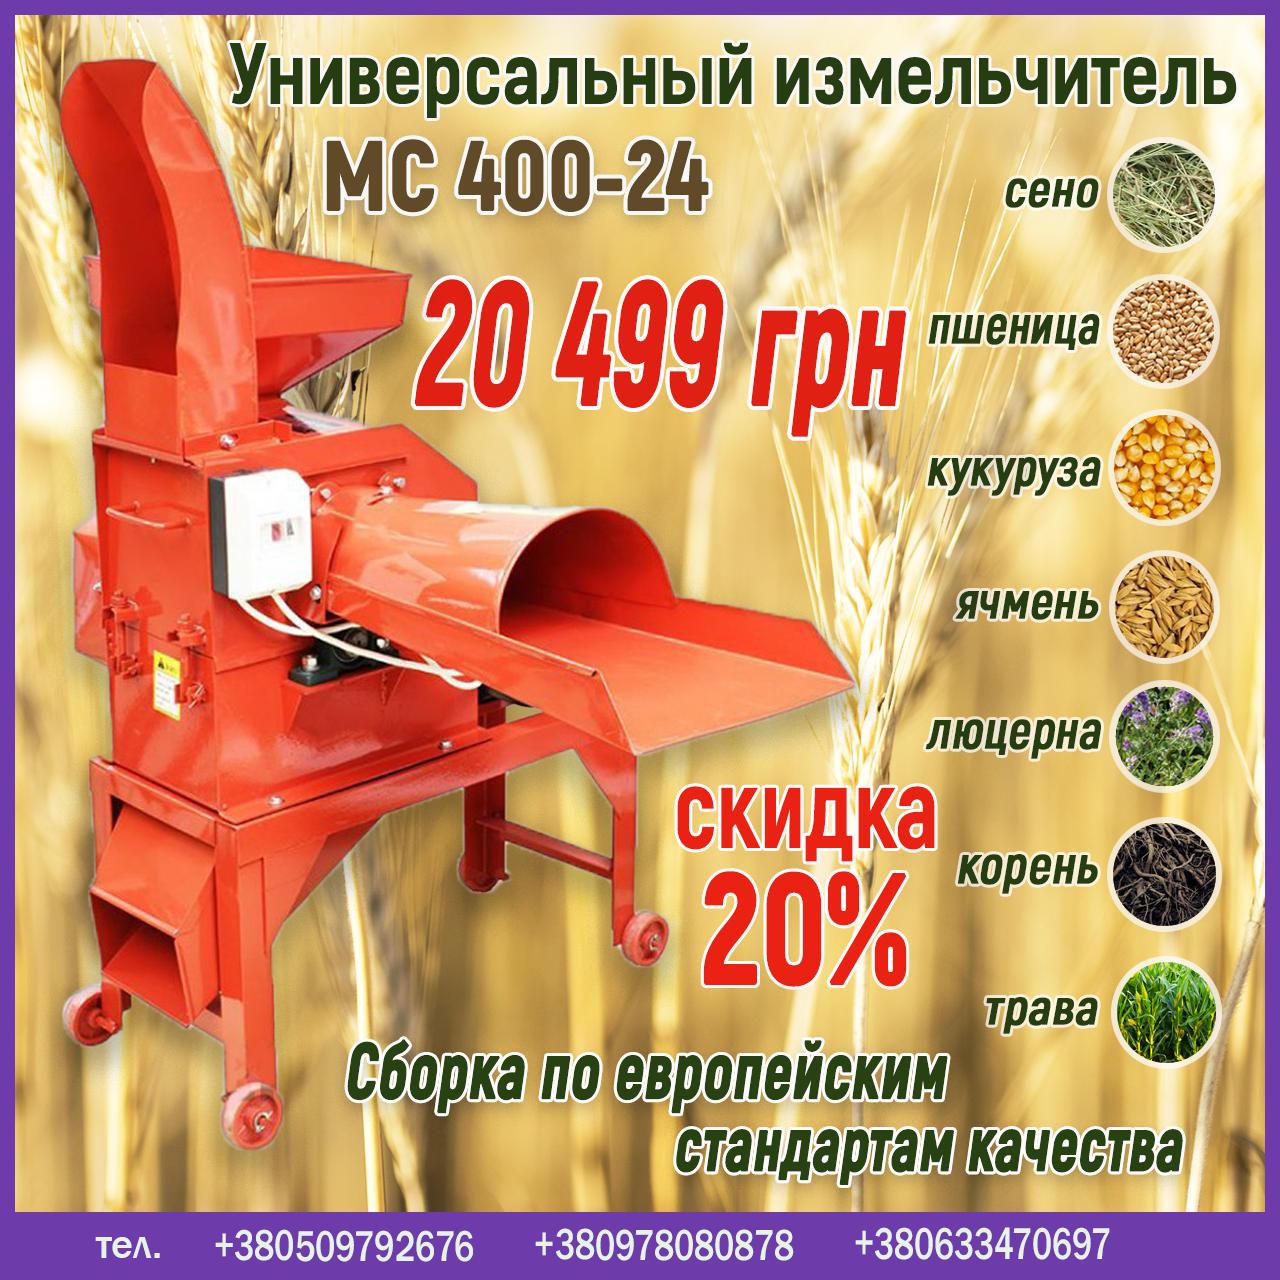 Универсальный измельчитель МС 400-24